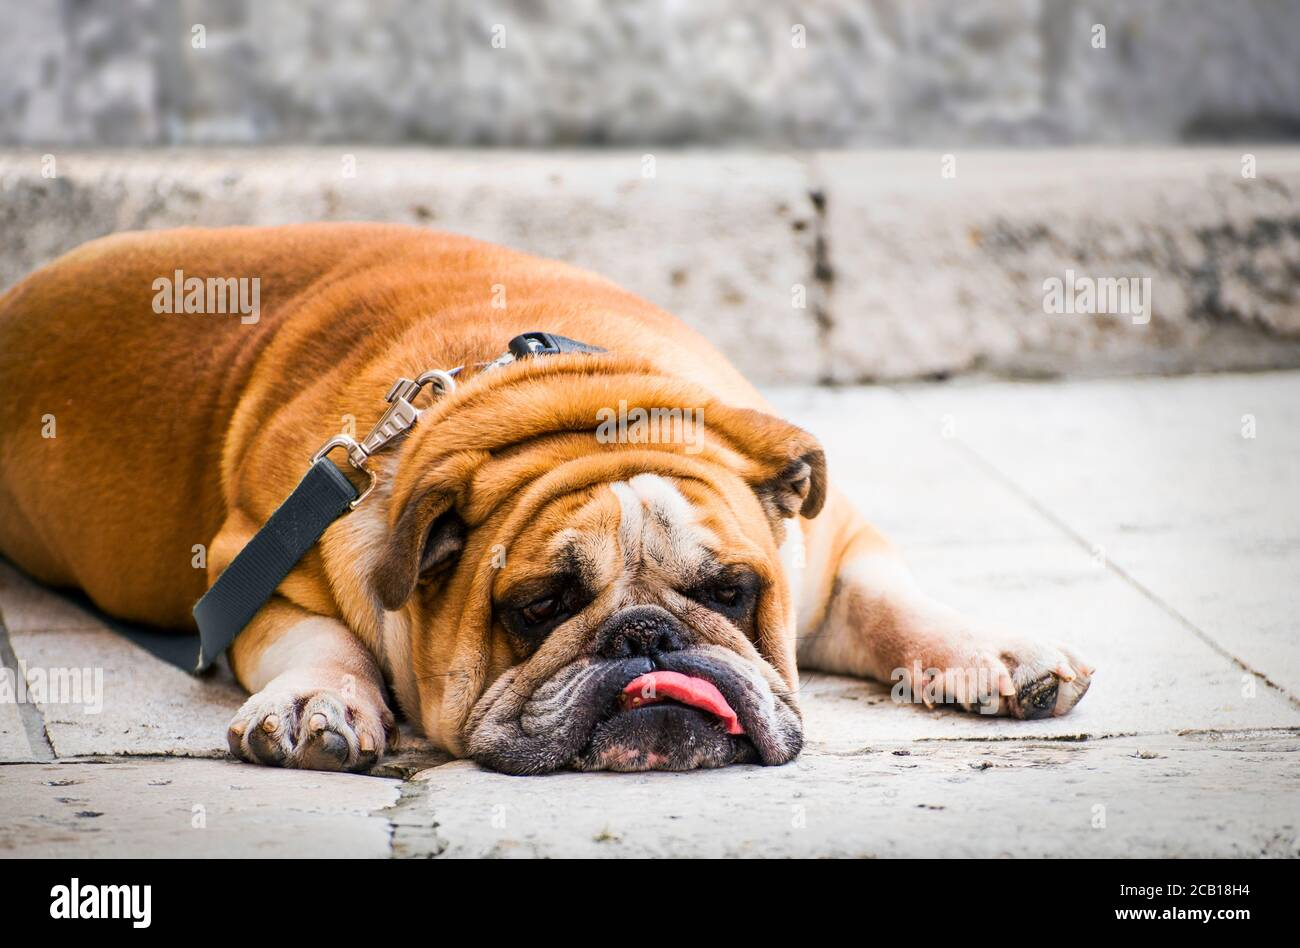 Old English Bulldog Stockfotos Und Bilder Kaufen Seite 2 Alamy